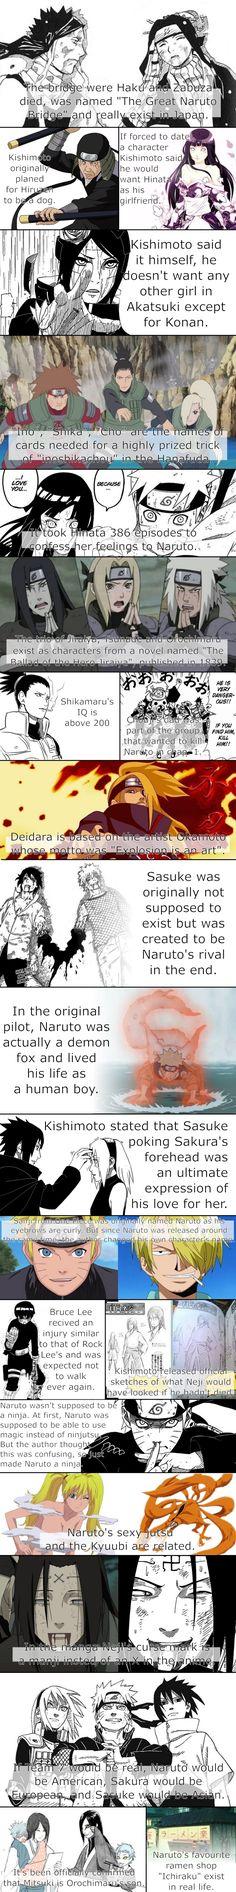 Fascinating Facts About Naruto | Anime/manga: Naruto / Naruto: Shippuden / Boruto [Zabuza Momochi / Haku / Hiruzen Sarutobi / Hinata Hyuuga / Konan / Choji Akimichi / Shikamaru Nara / Ino Yamanaka / Naruto Uzumaki / Orochimaru / Tsunade Senju / Jiraiya / Choza Akimichi / Deidara / Sasuke Uchiha / Sakura Haruno / Sanji Vinsmoke / Rock Lee / Neji Hyuuga /  Kyuubi / Mitsuki]